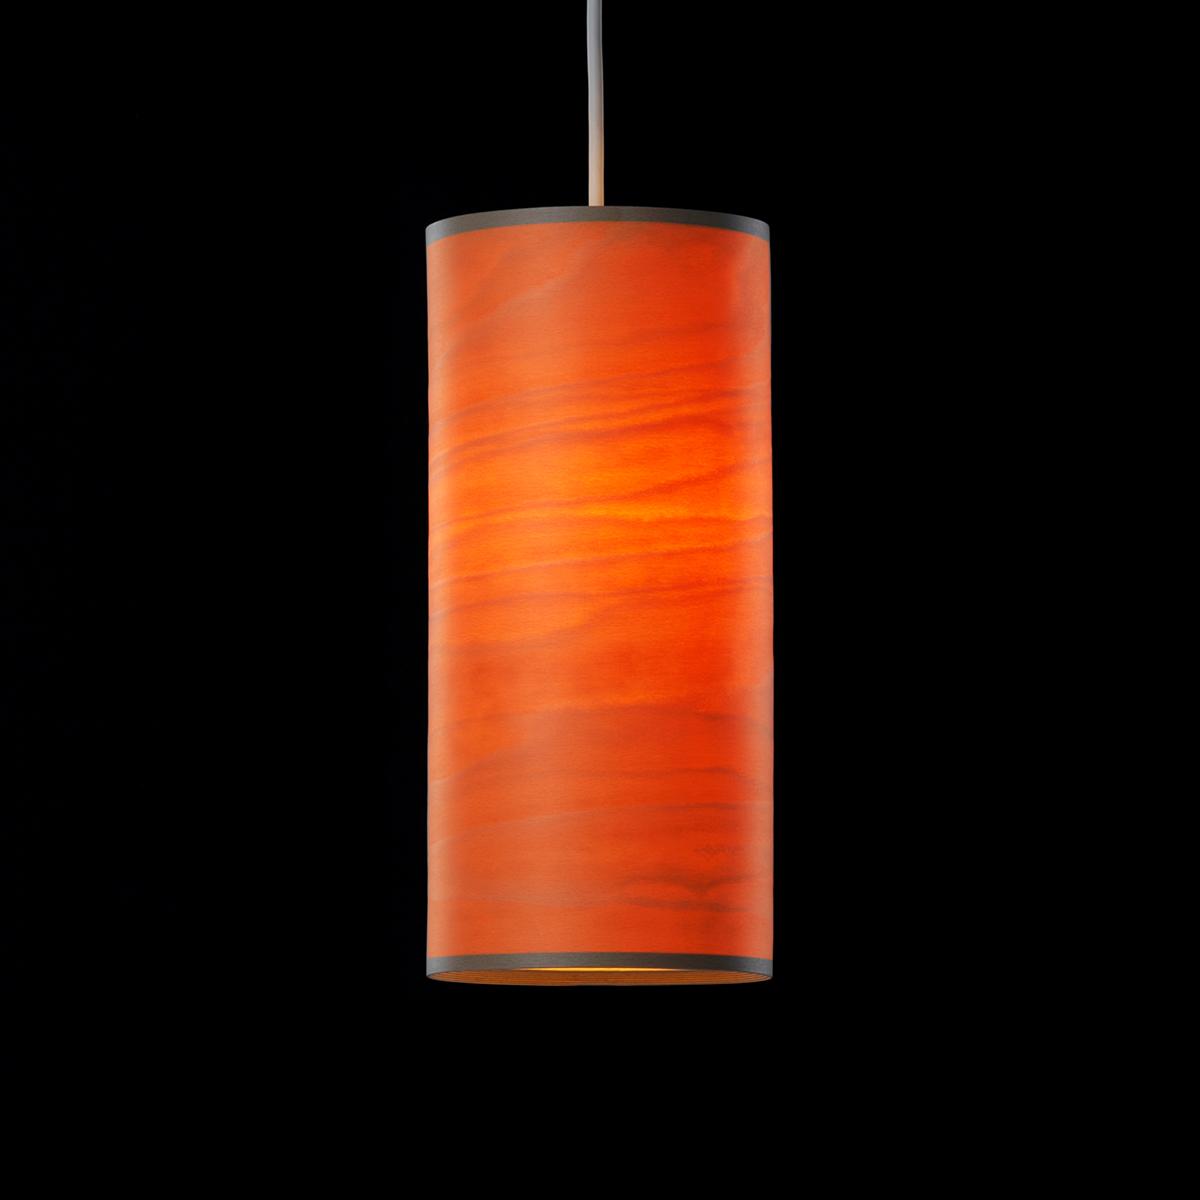 ブナコ PENDANT LAMP BL-P221 /マルゲリータ